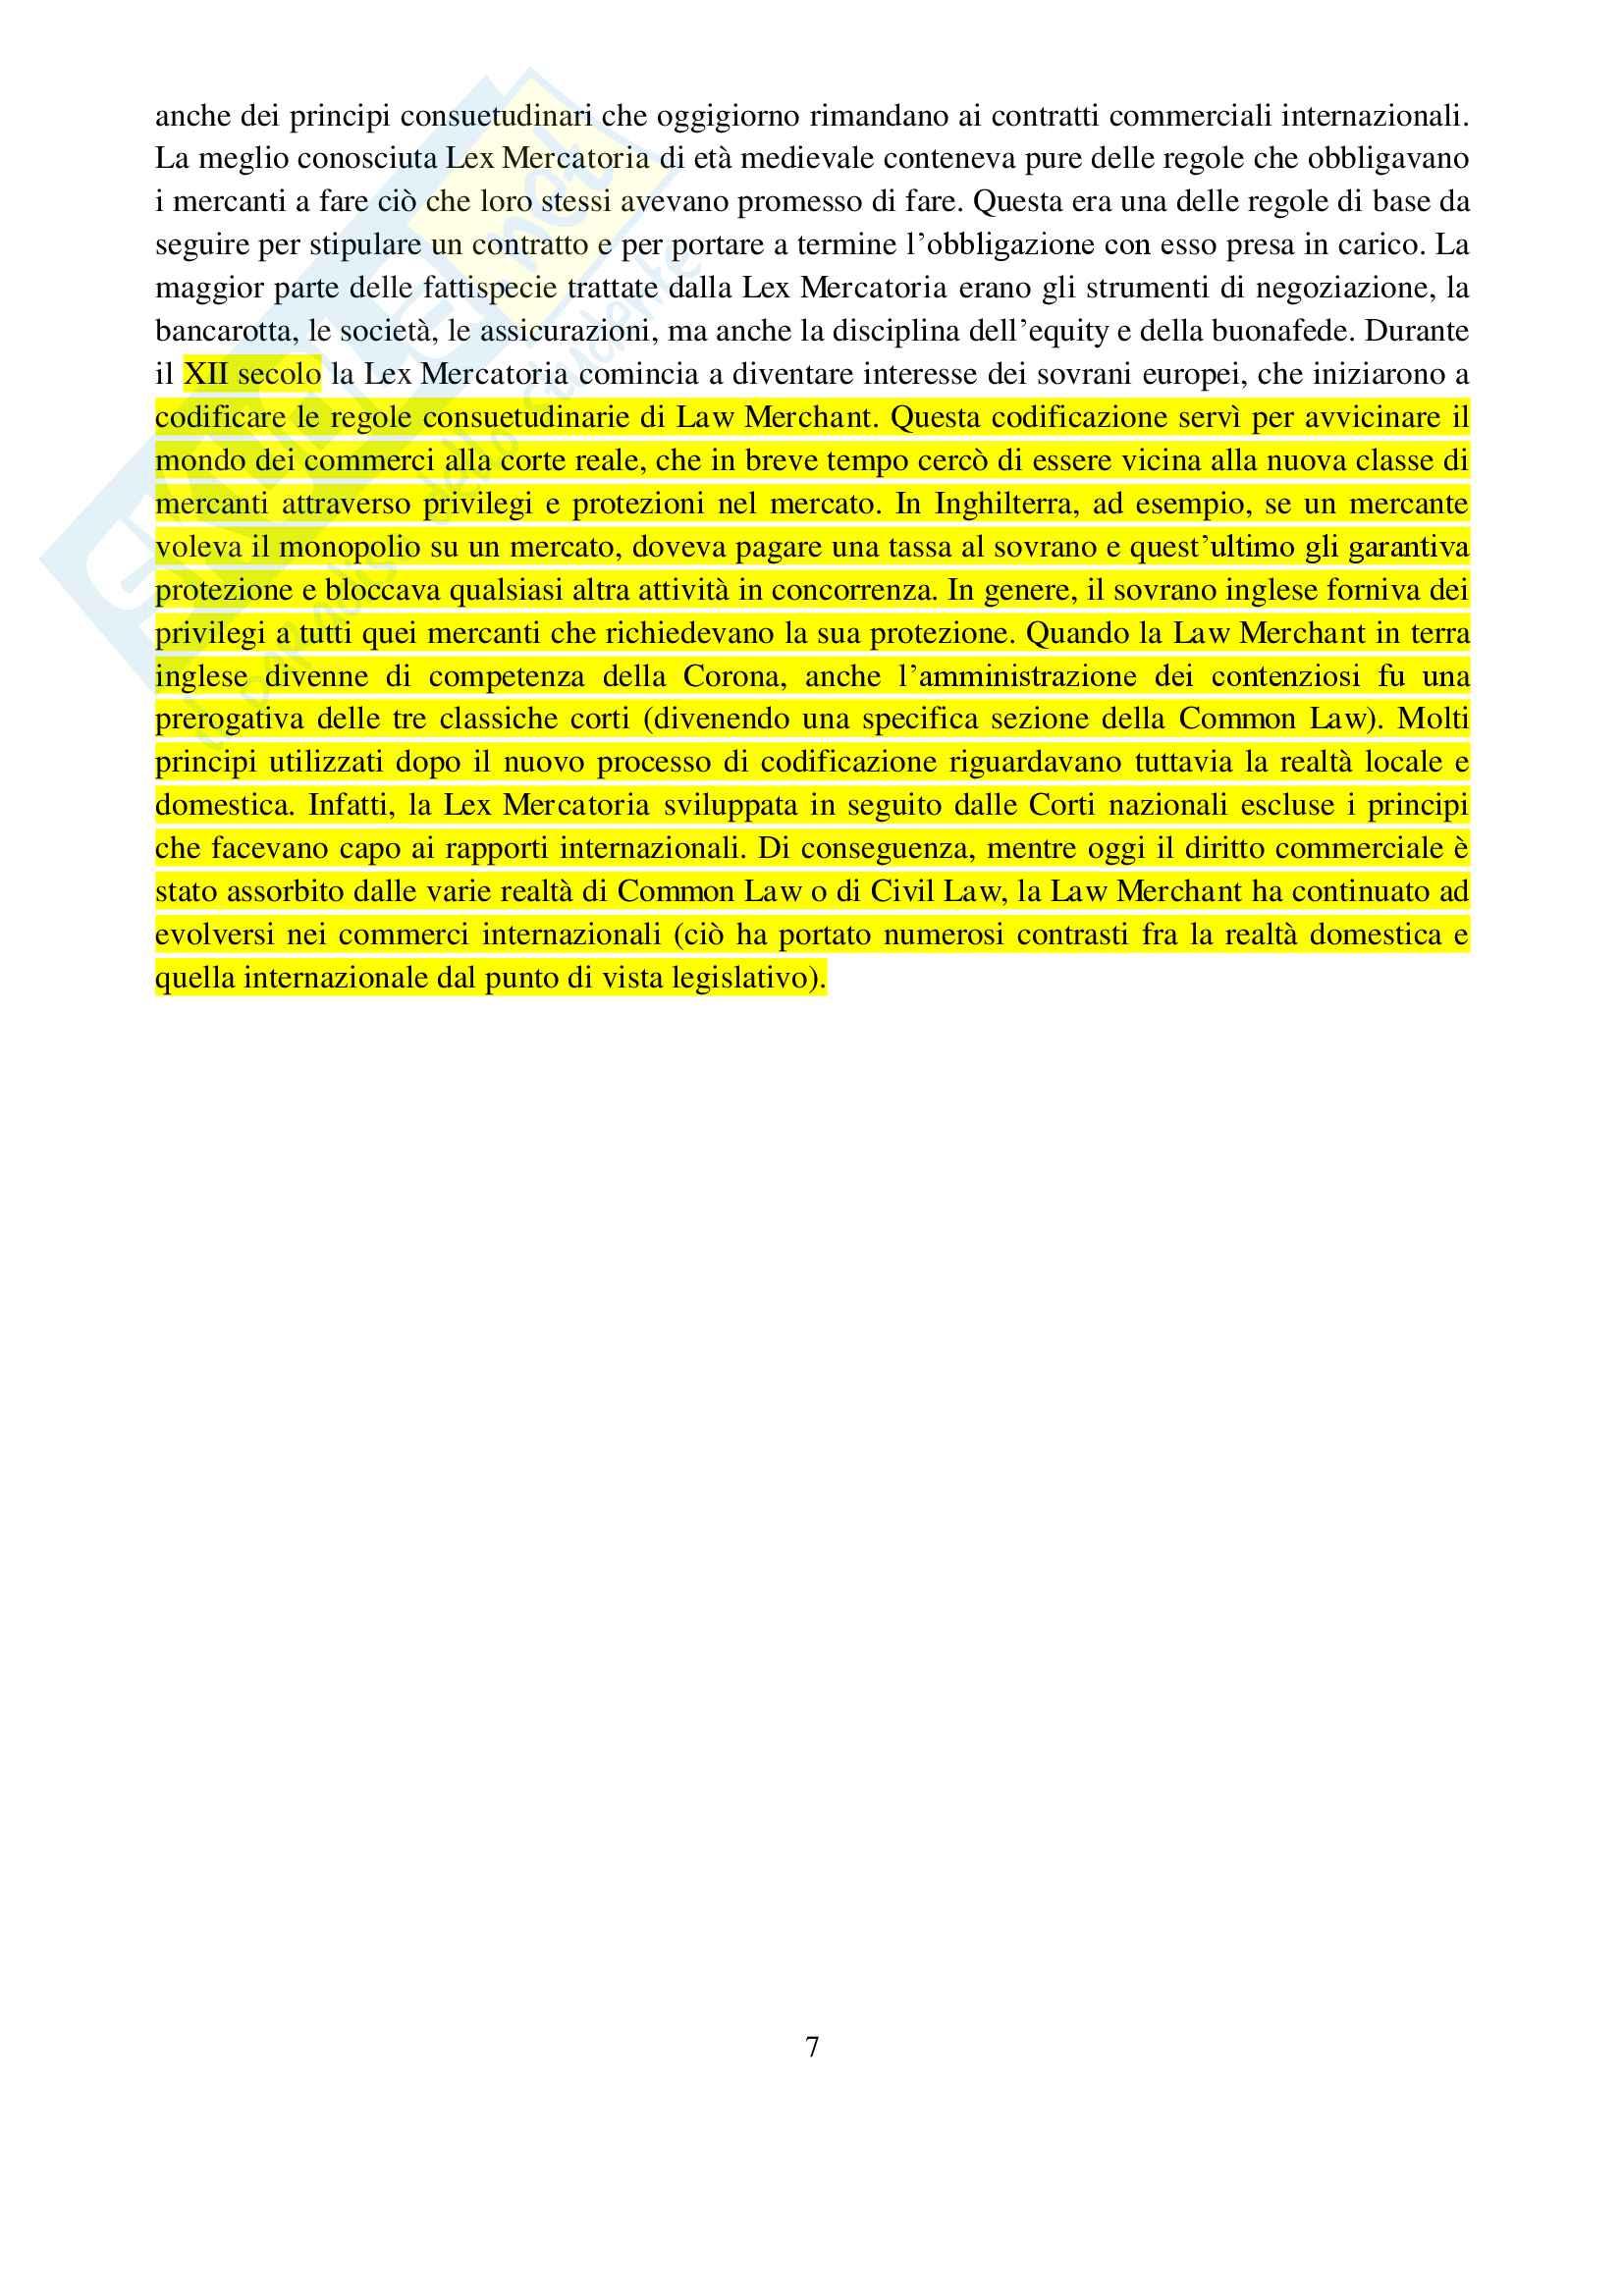 Appunti di Diritto Commerciale Comparato (Partnership, Company, Law Merchant e Lex Mercatoria, Storia del Commerci, Common Law e Civil Law) Pag. 6